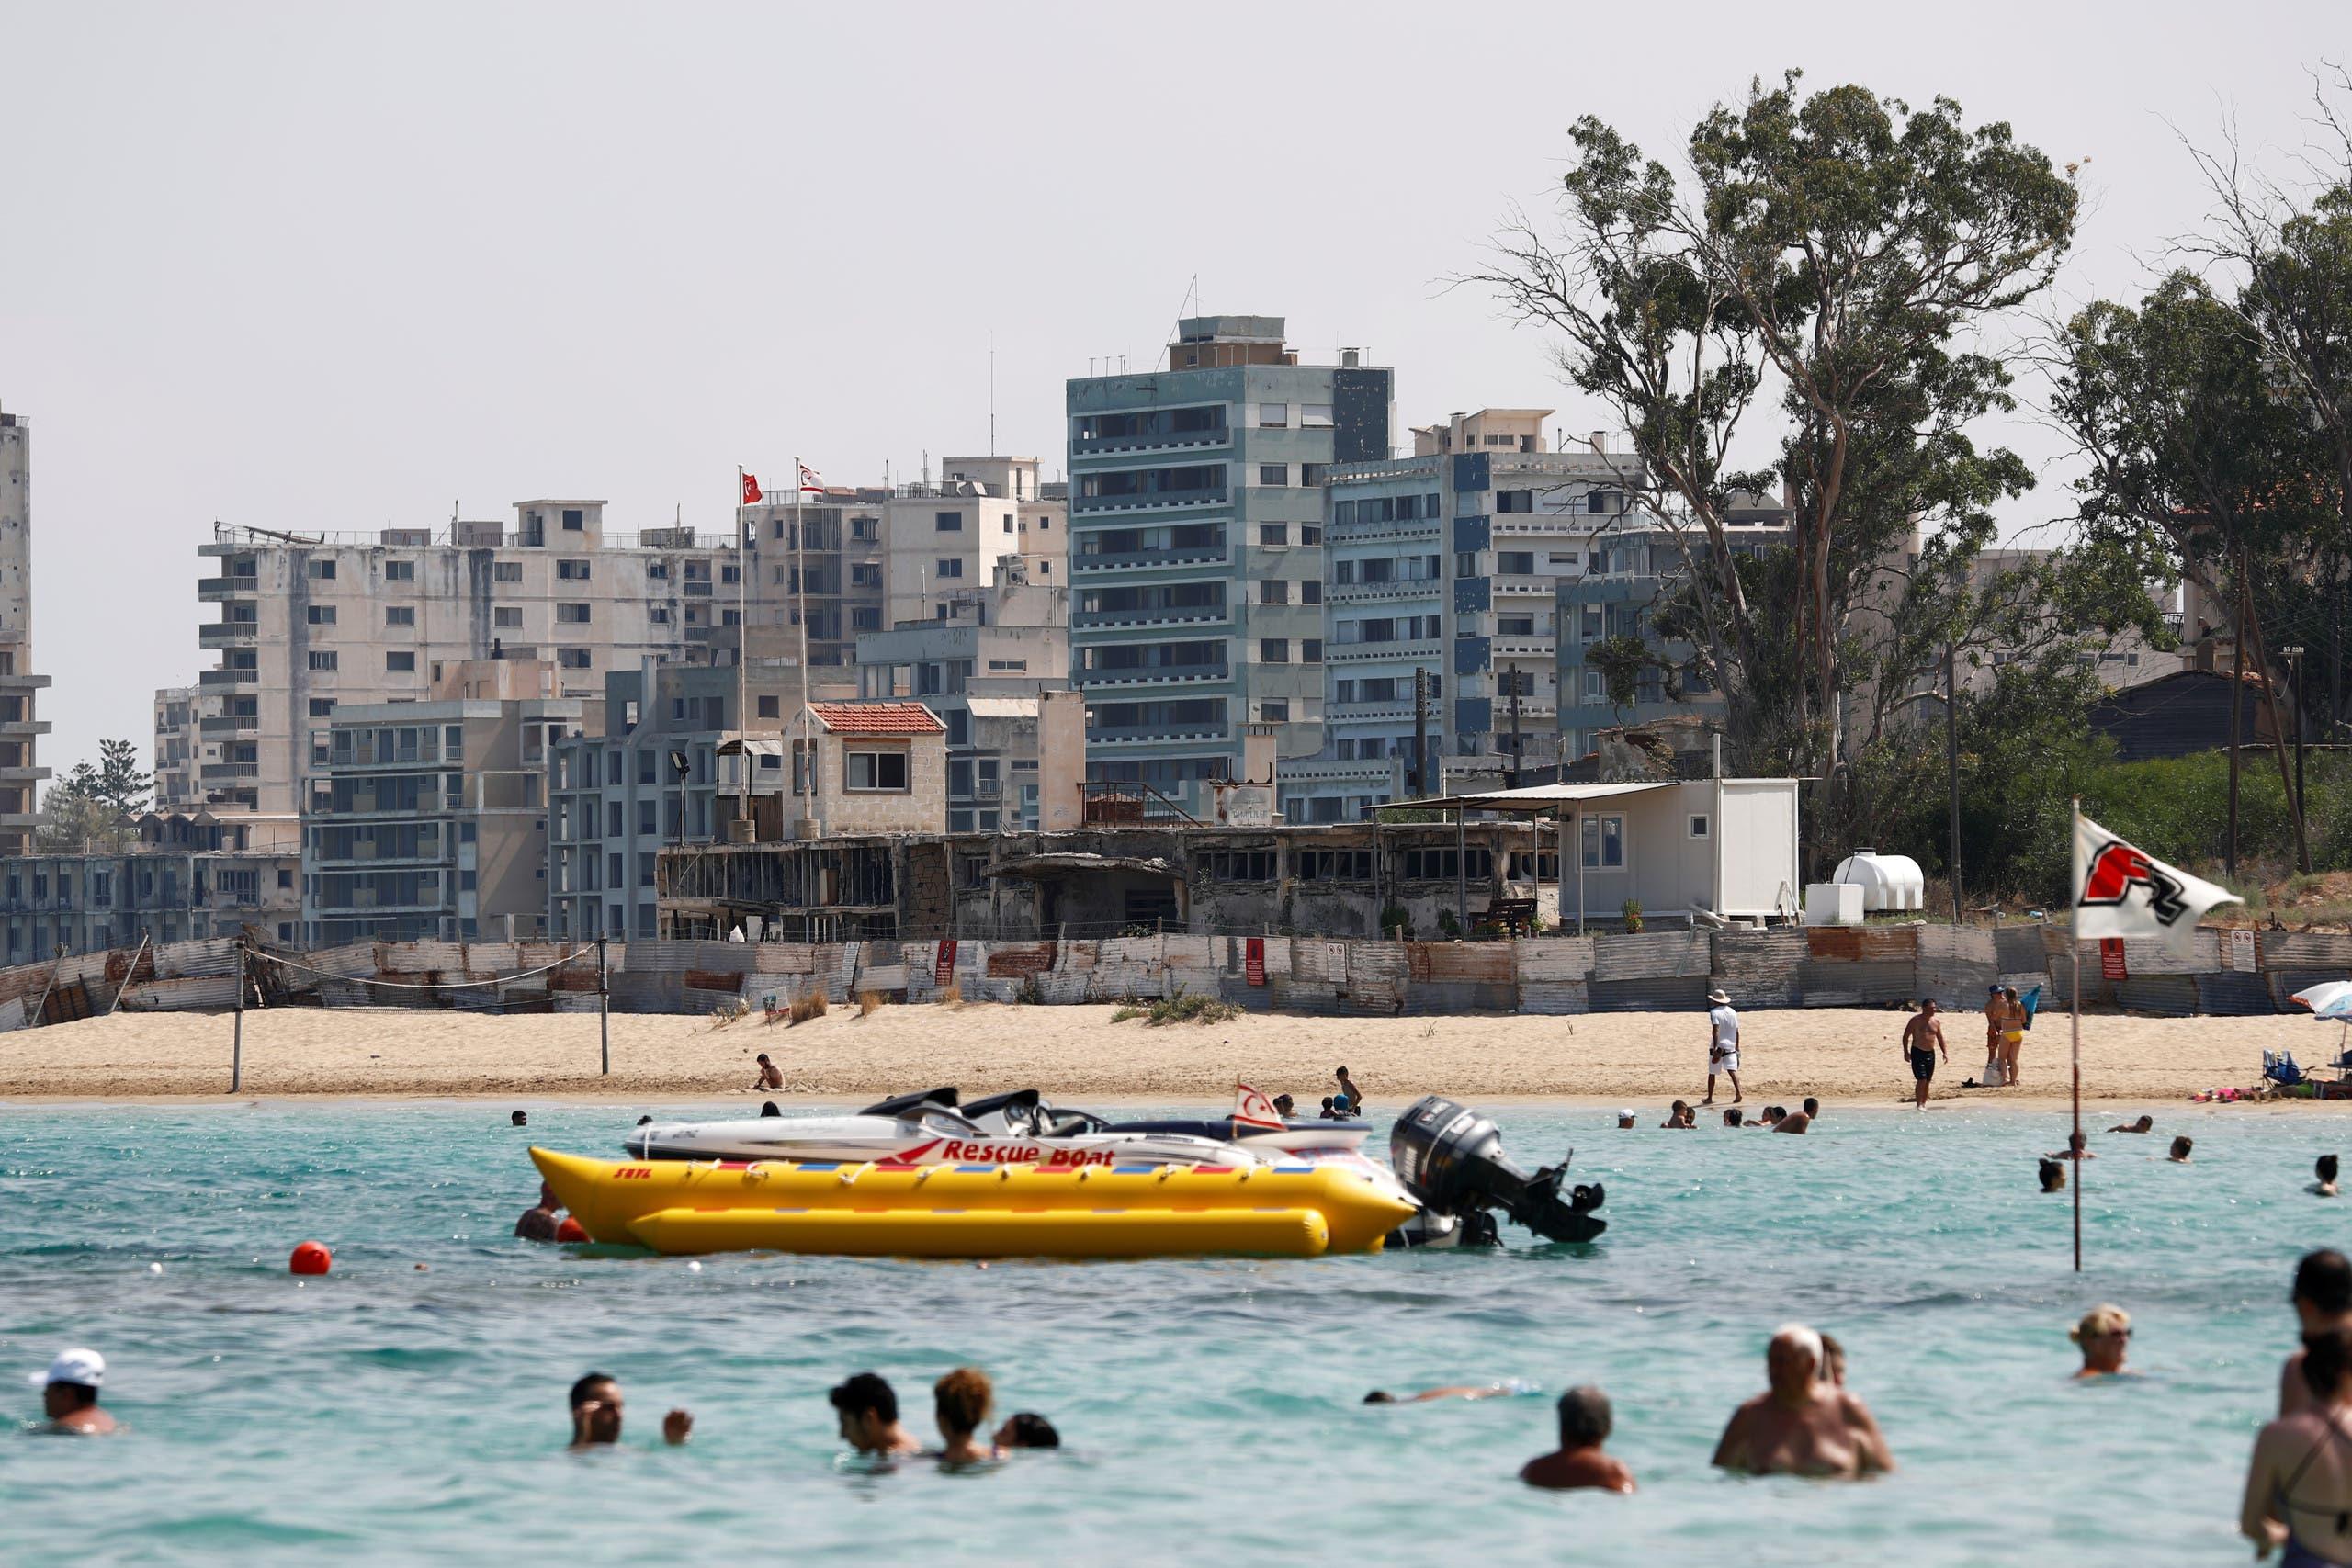 منتج فاروشا المغلق يظهر في صورة التقطت من شاطئ أحد المنتجعات في الجزء اليوناني من الجزيرة